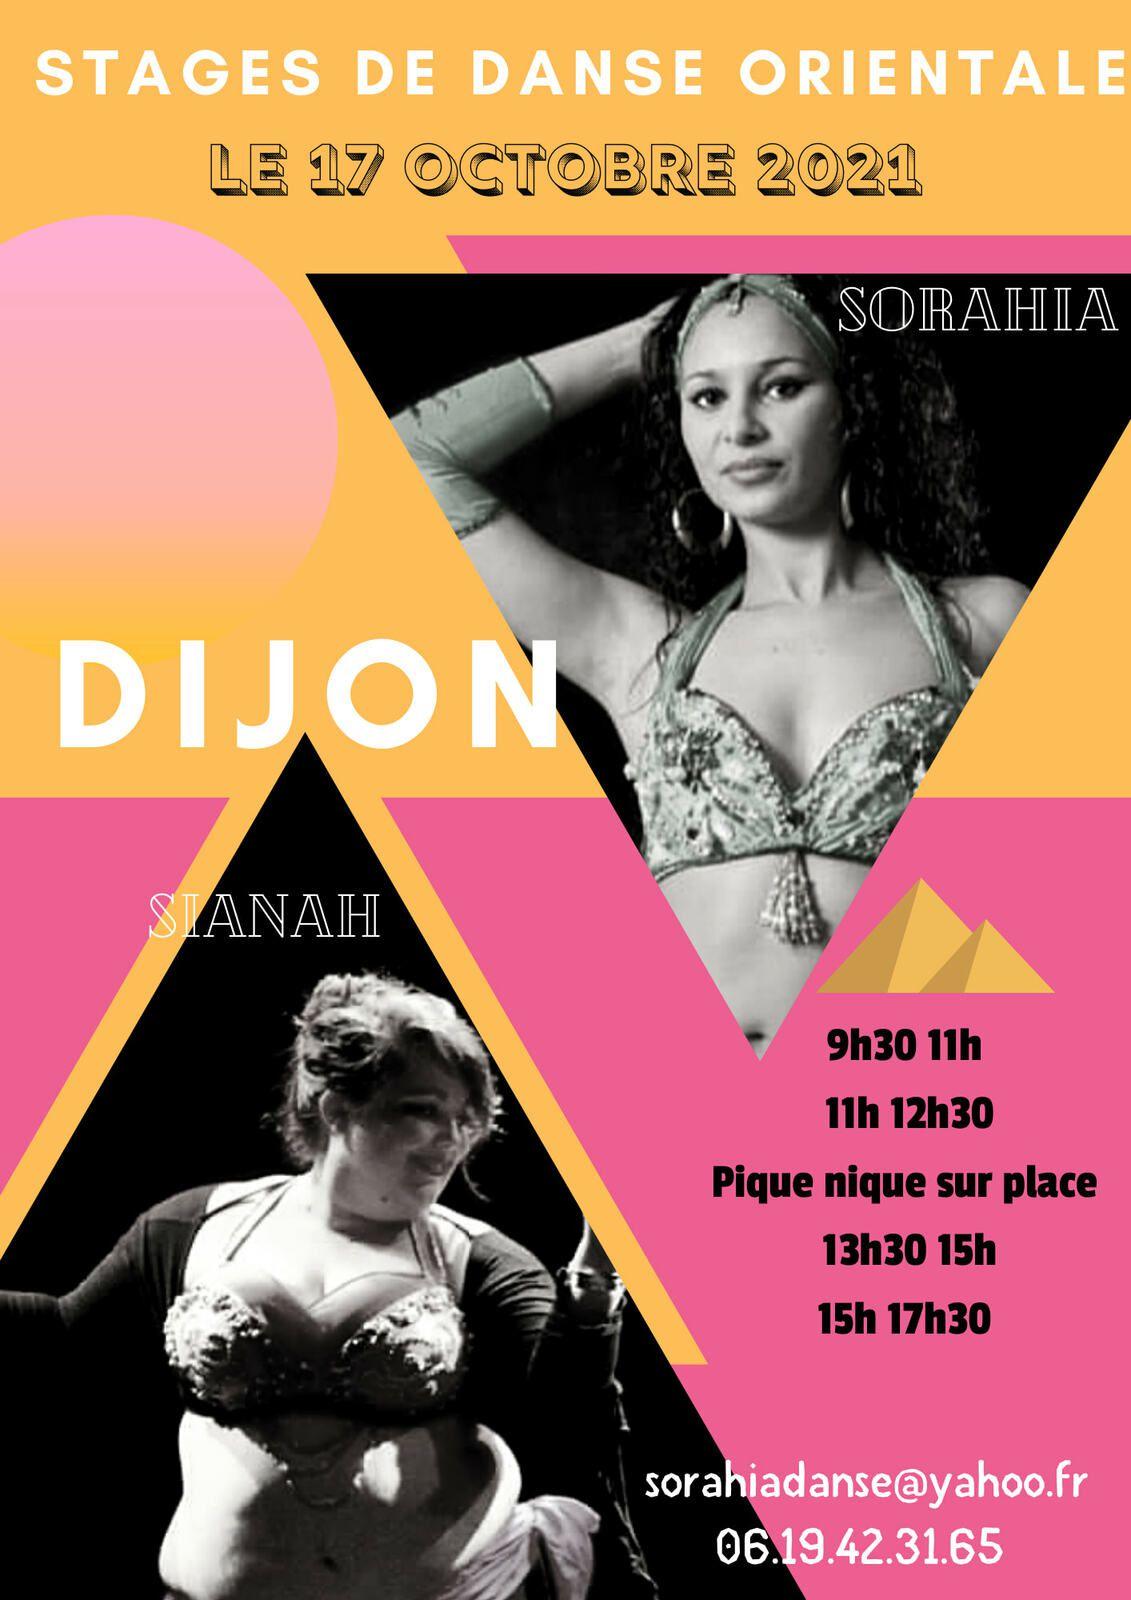 Stages de Danses Orientales le 17 octobre à Dijon avec Sorahia et Sianah